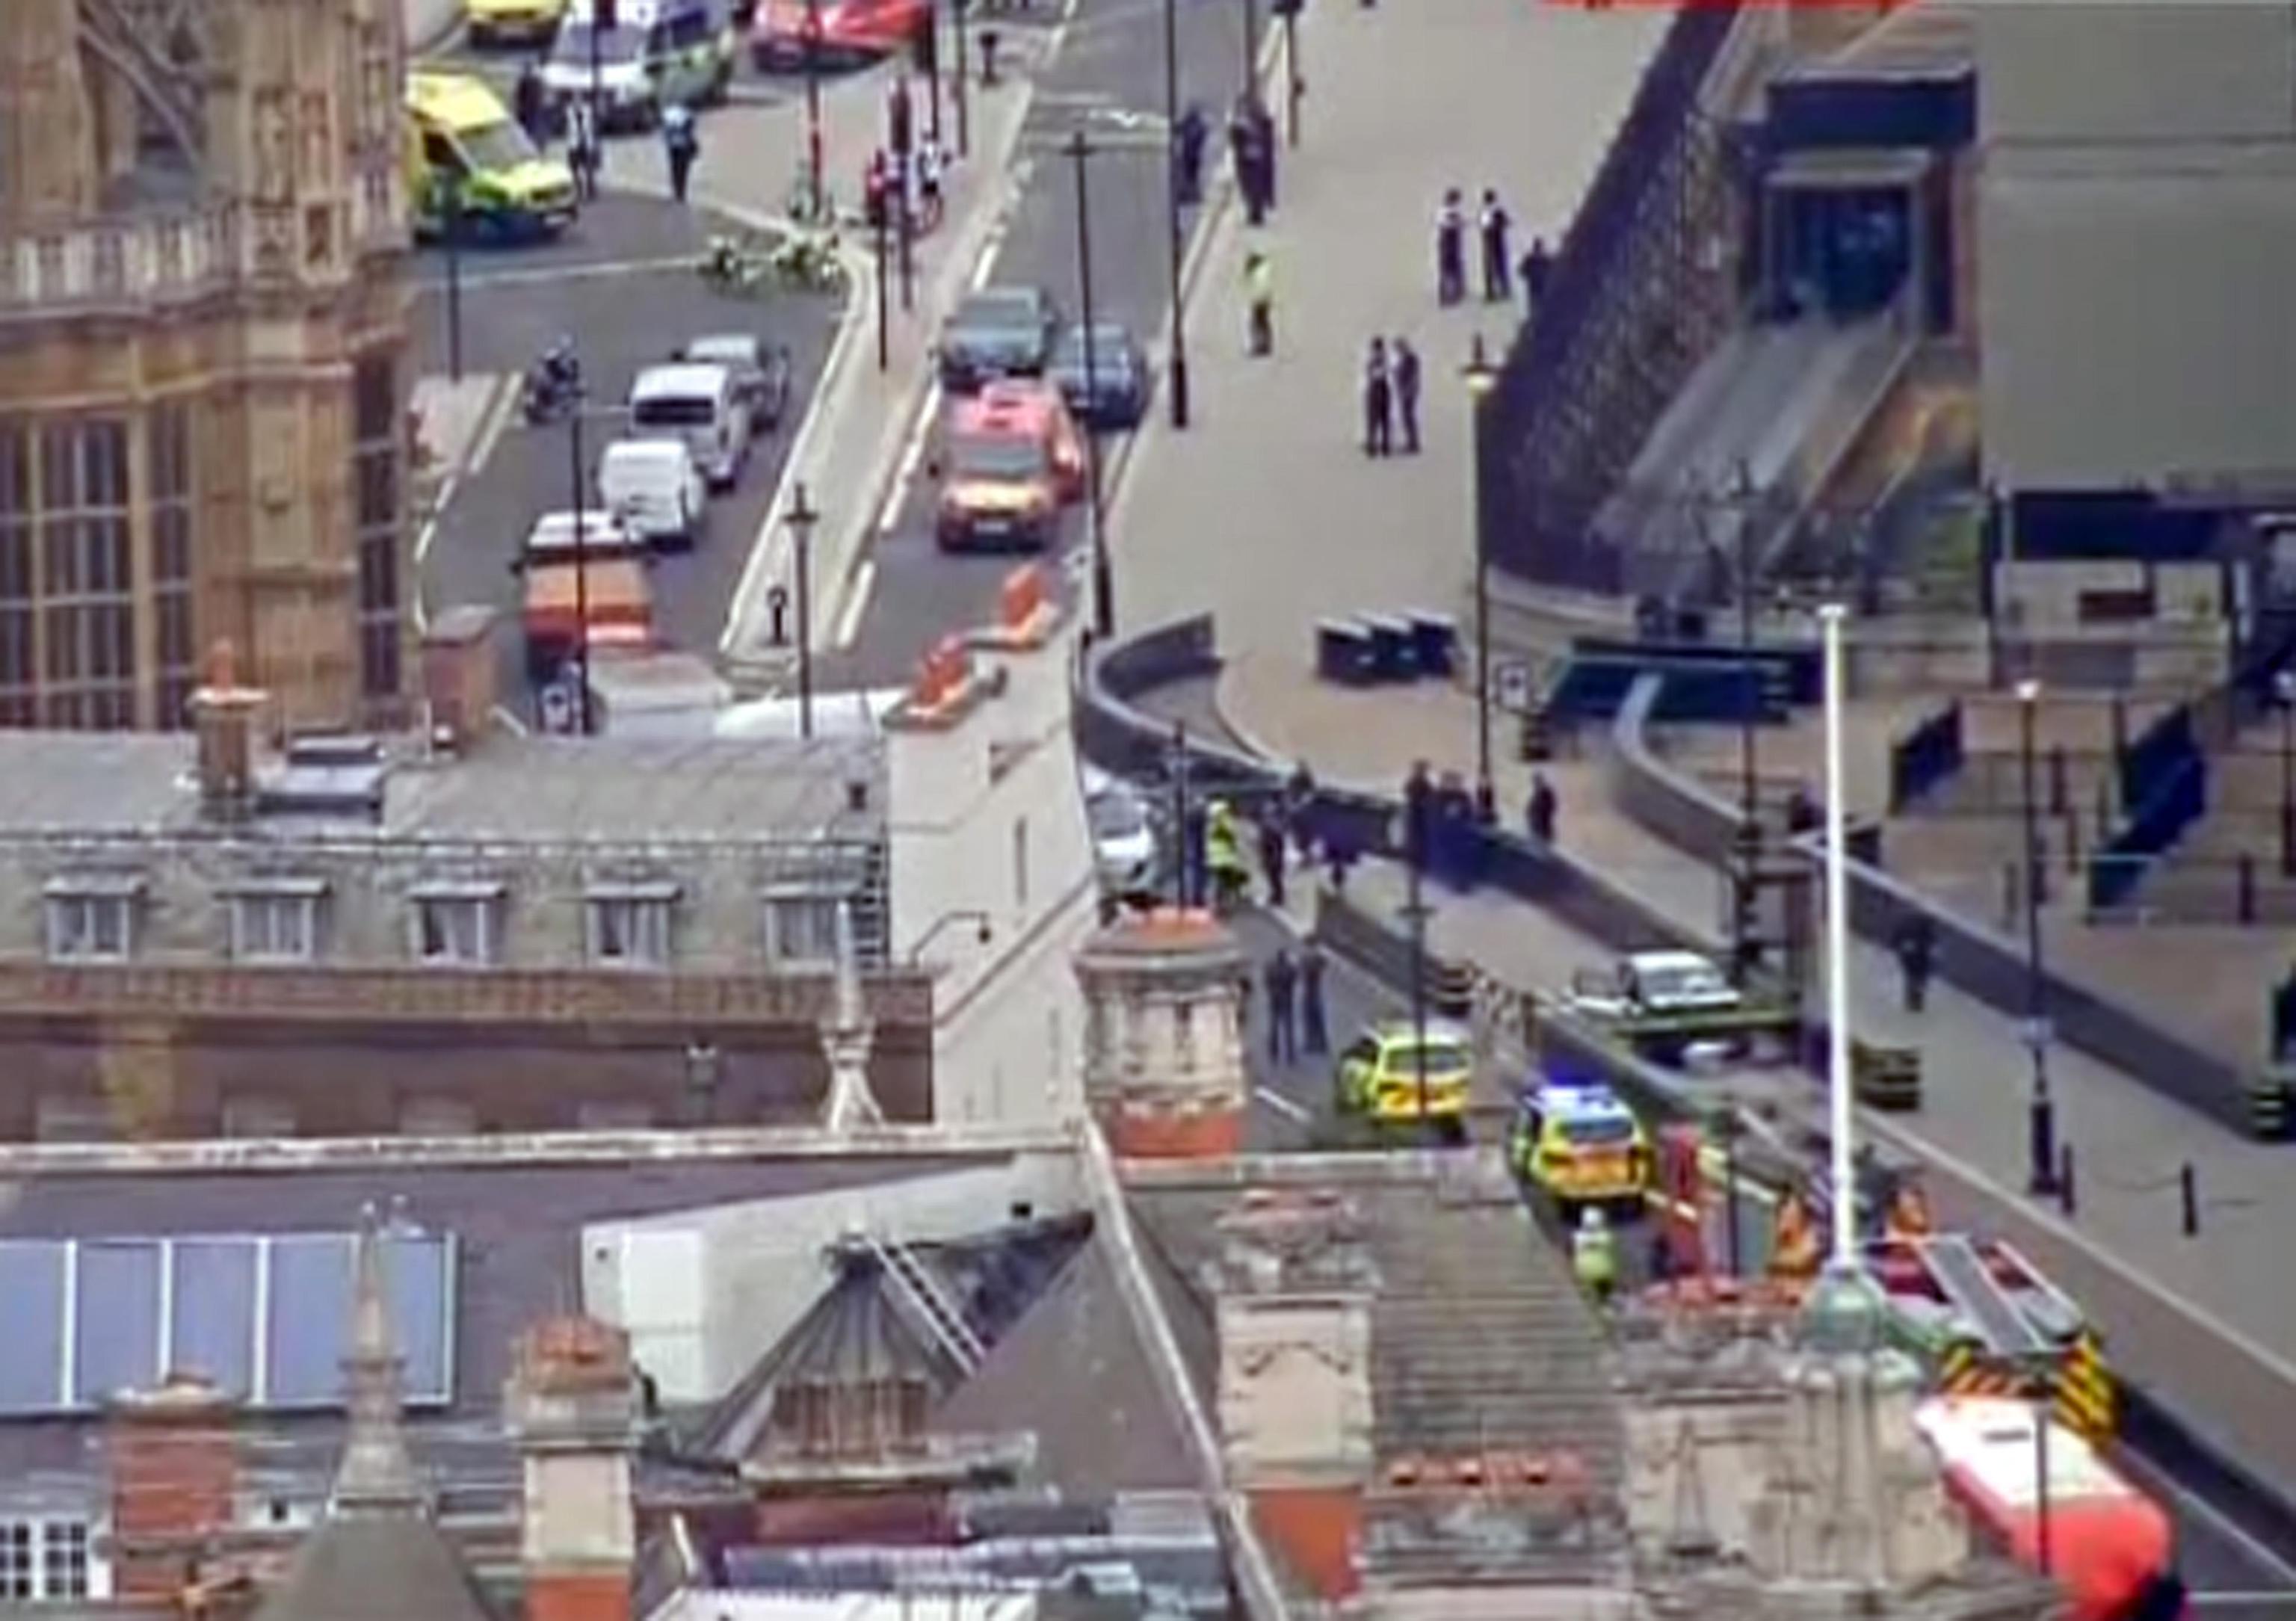 Londra, auto contro Parlamento. Polizia: Nessun ferito in pericolo vita